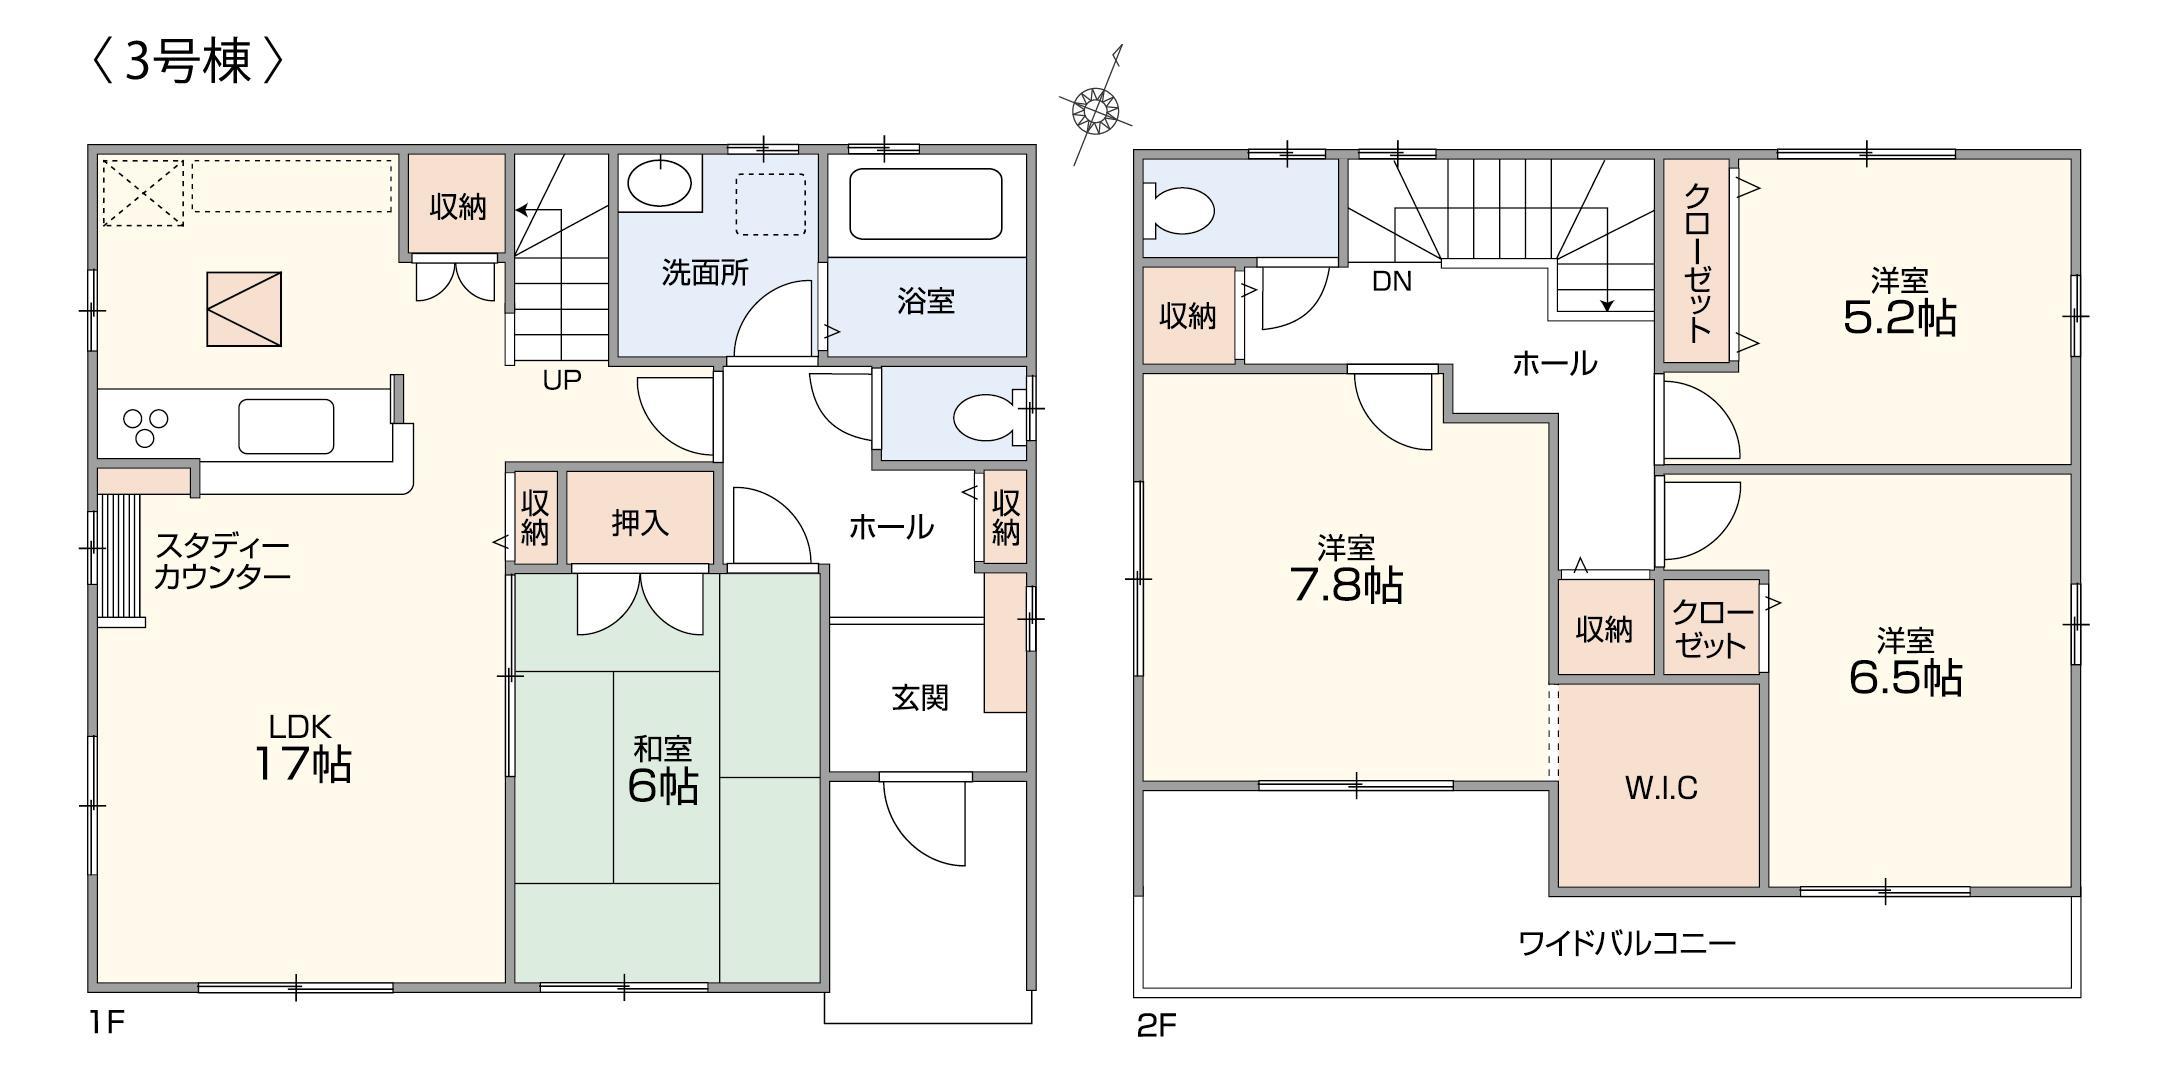 2階主寝室には、約1坪の大型クローゼットを採用!!水回り集中設計で家事導線も効率化♪女性設計士が考案したこだわりの1棟です♪